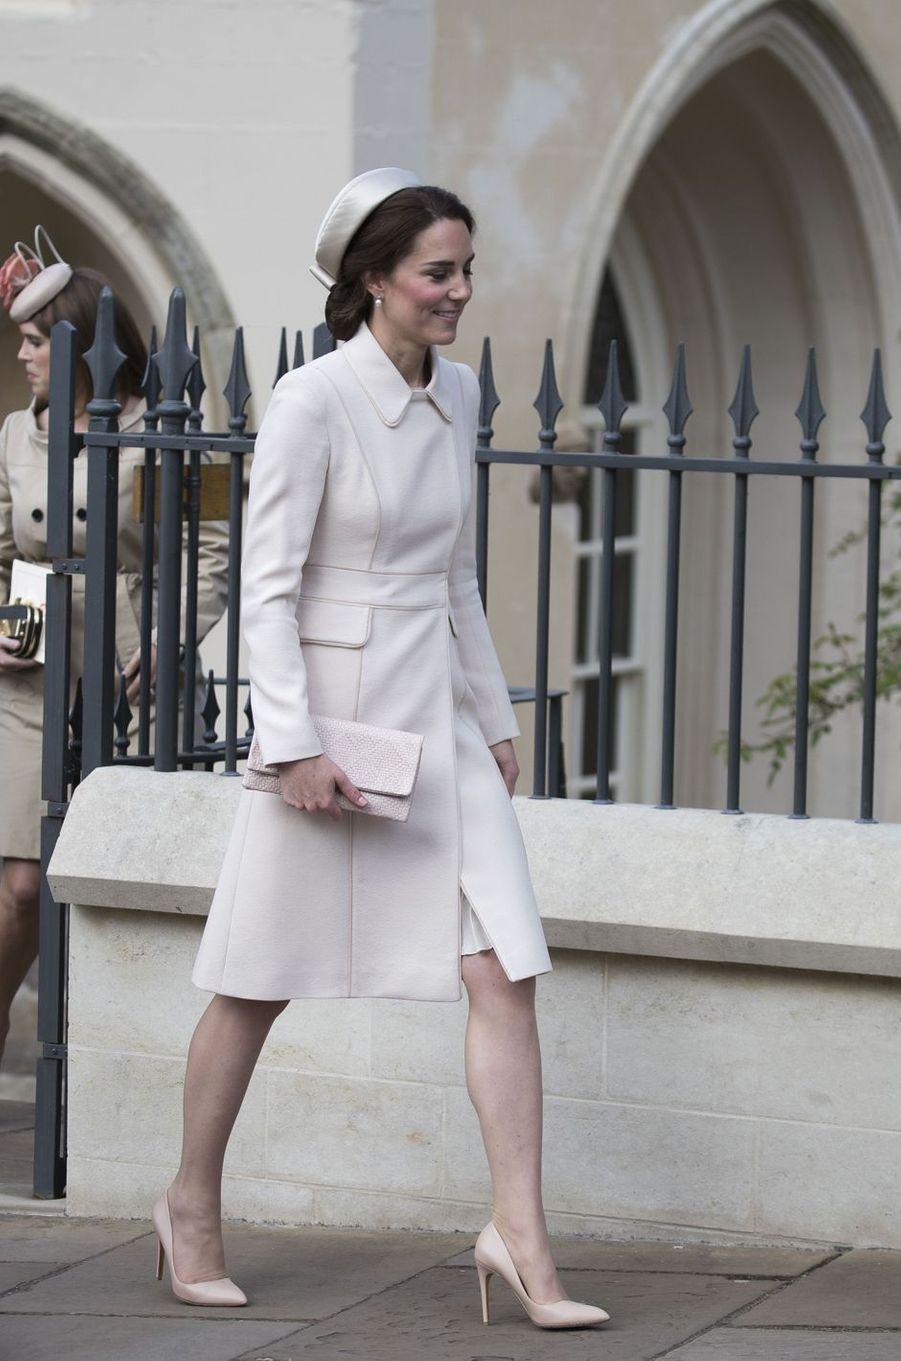 La duchesse de Cambridge, née Kate Middleton, à Windsor, le 16 avril 2017.